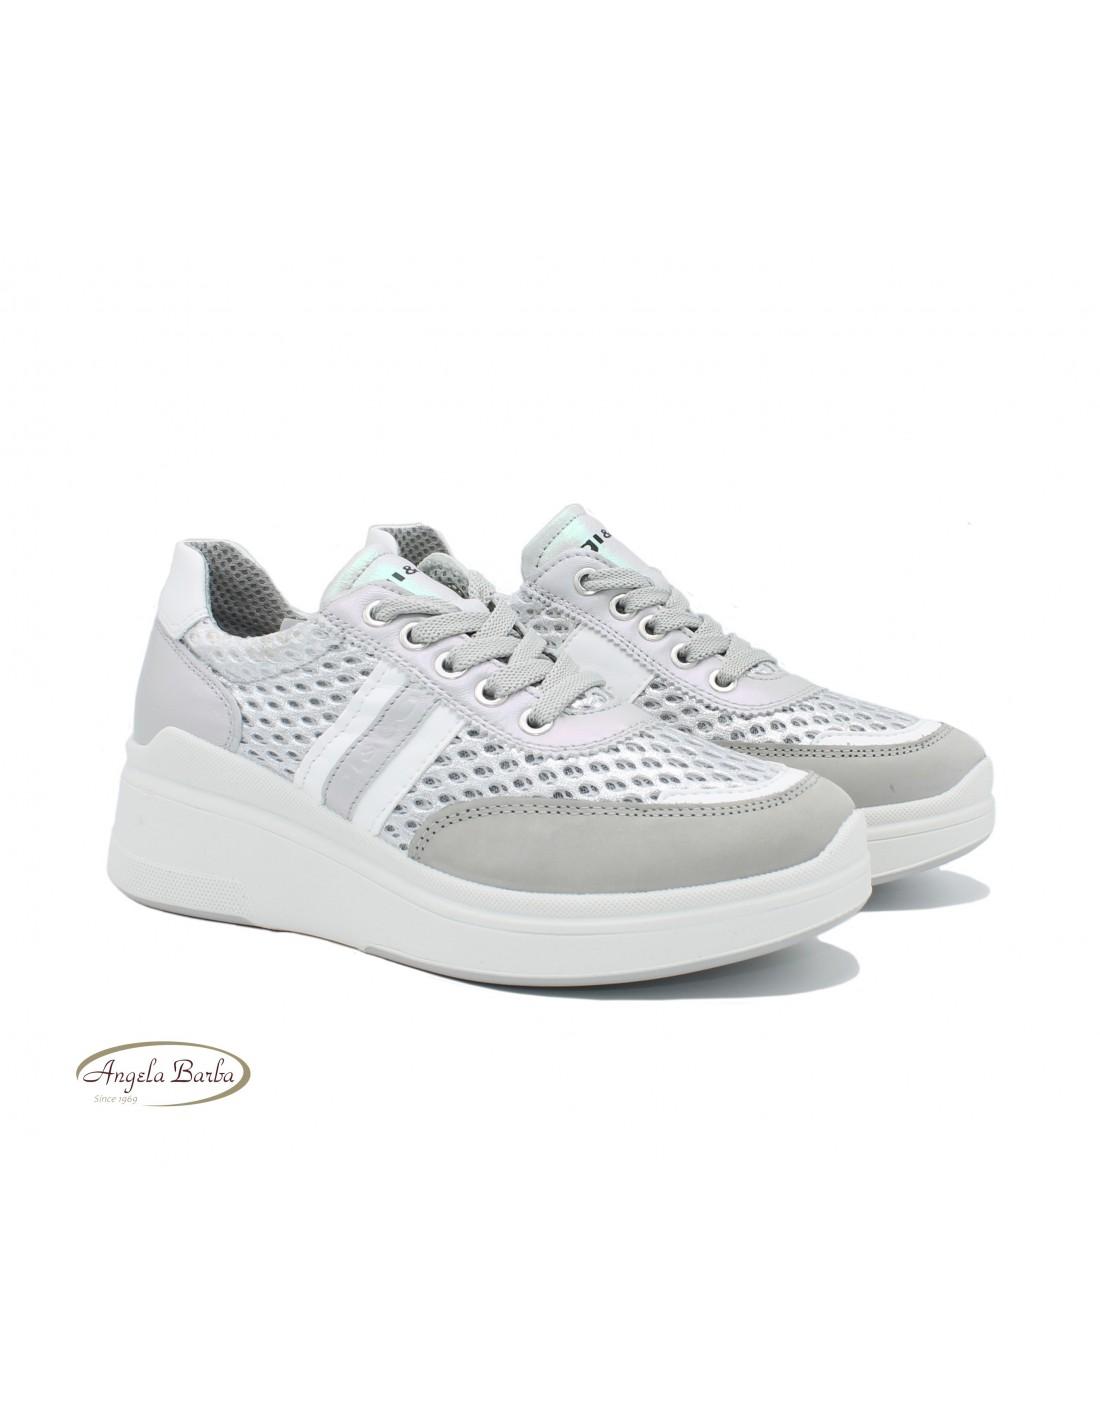 Igi e Co scarpe da donna sneakers con zeppa alta intera casual sportive  estive   eBay